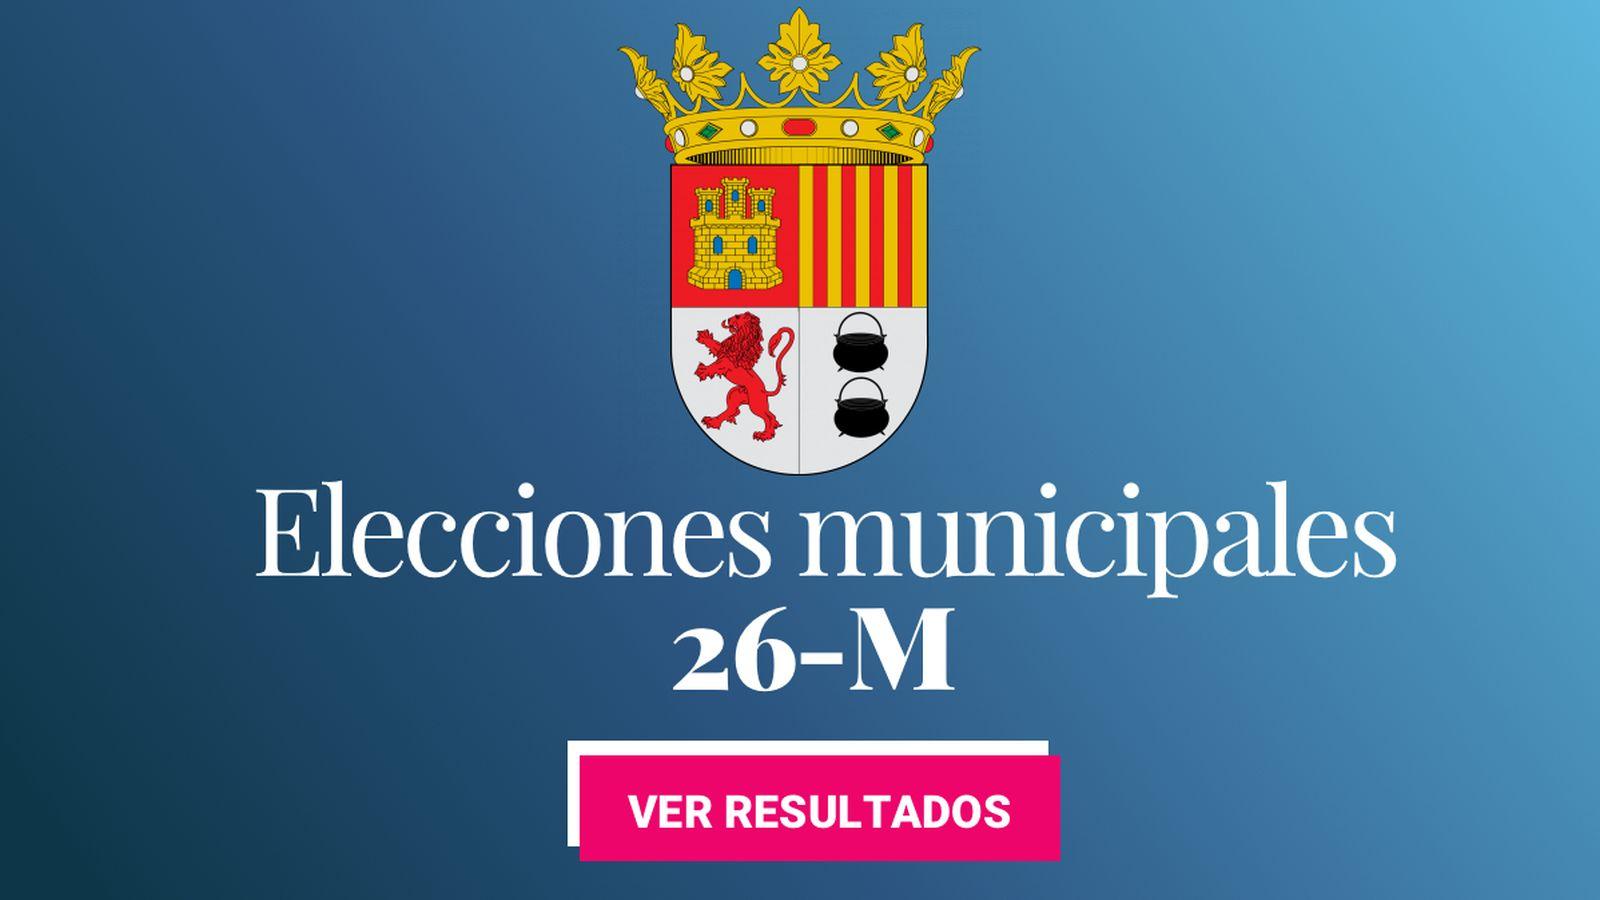 Foto: Elecciones municipales 2019 en Torrejón de Ardoz. (C.C./EC)